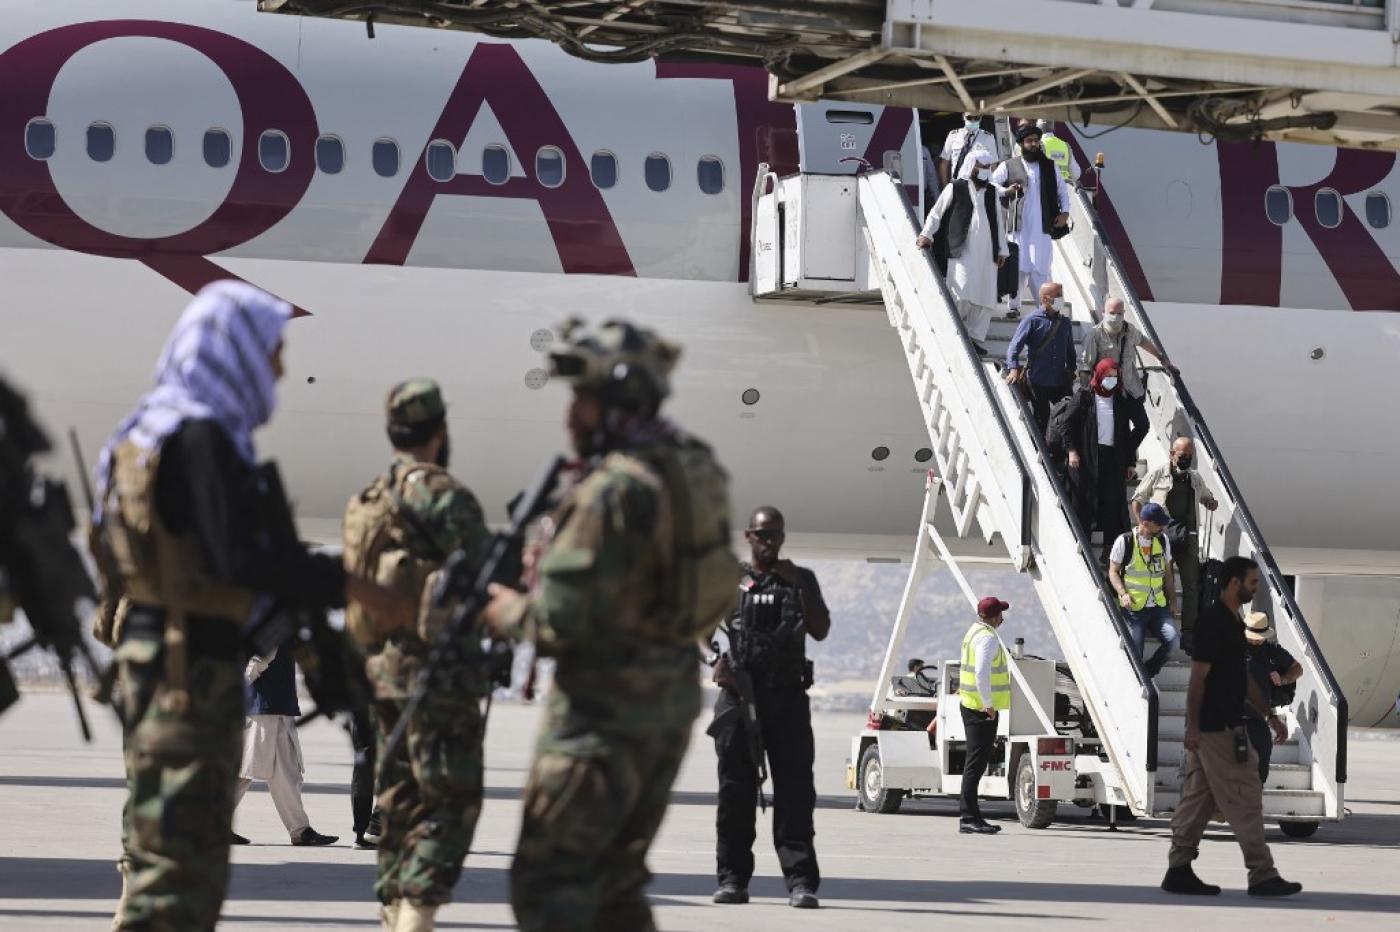 قطر جعلت نفسها وسيطاً لا غنى عنه للمفاوضات بين طالبان وامريكا